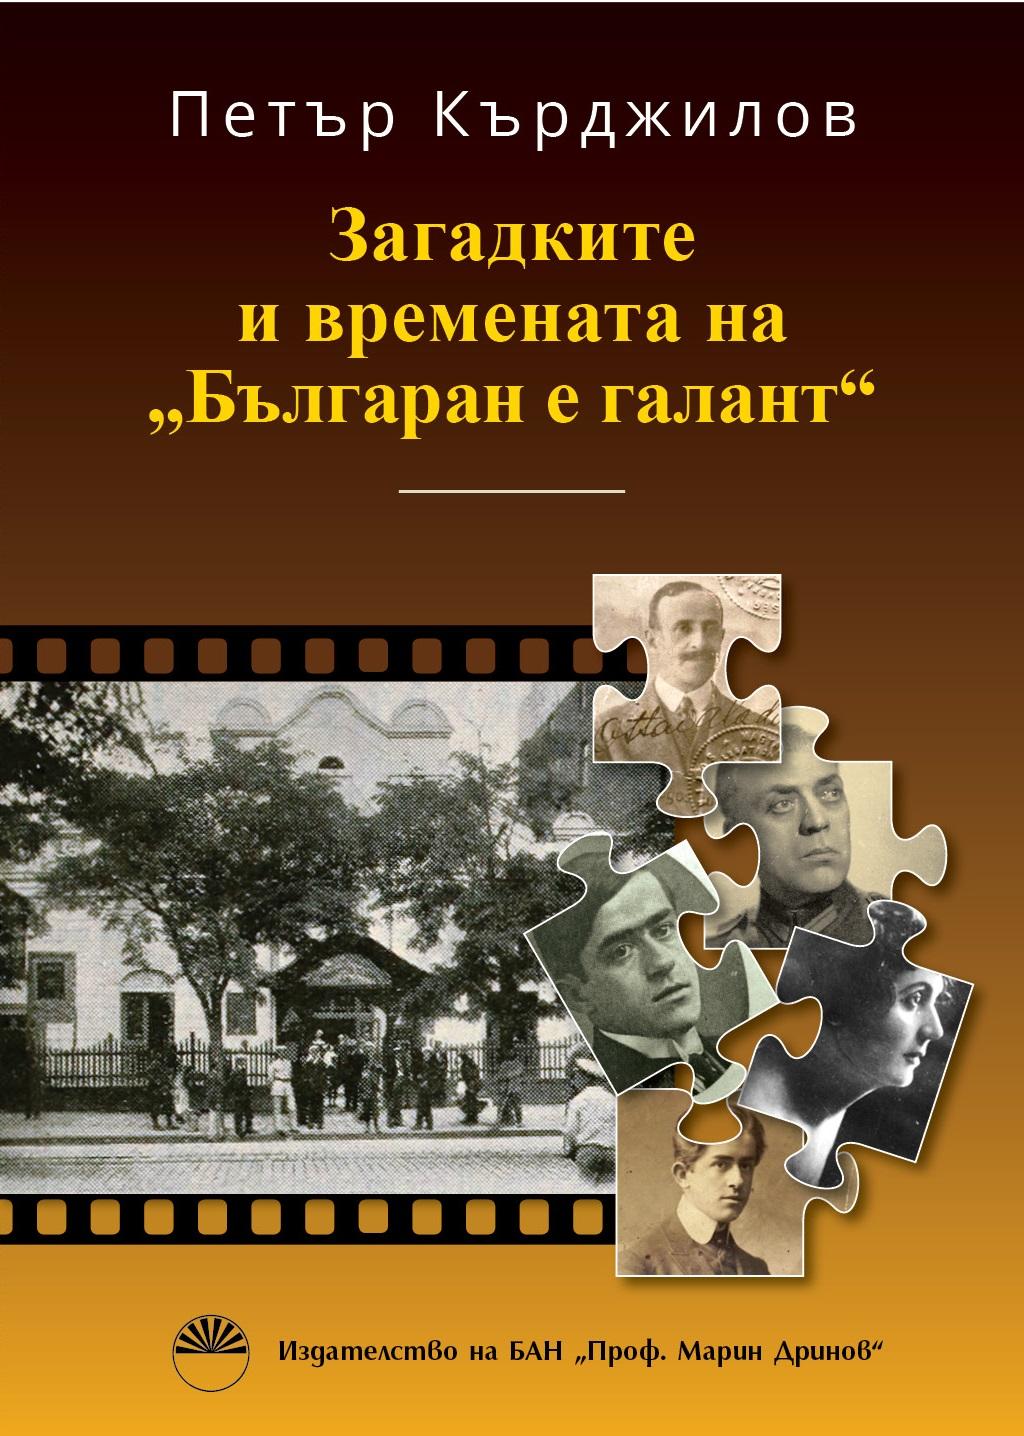 """Книгата Загадките и времената на """"Българан е галант"""" решава веднъж завинаги спора за рождената дата на българското кино."""